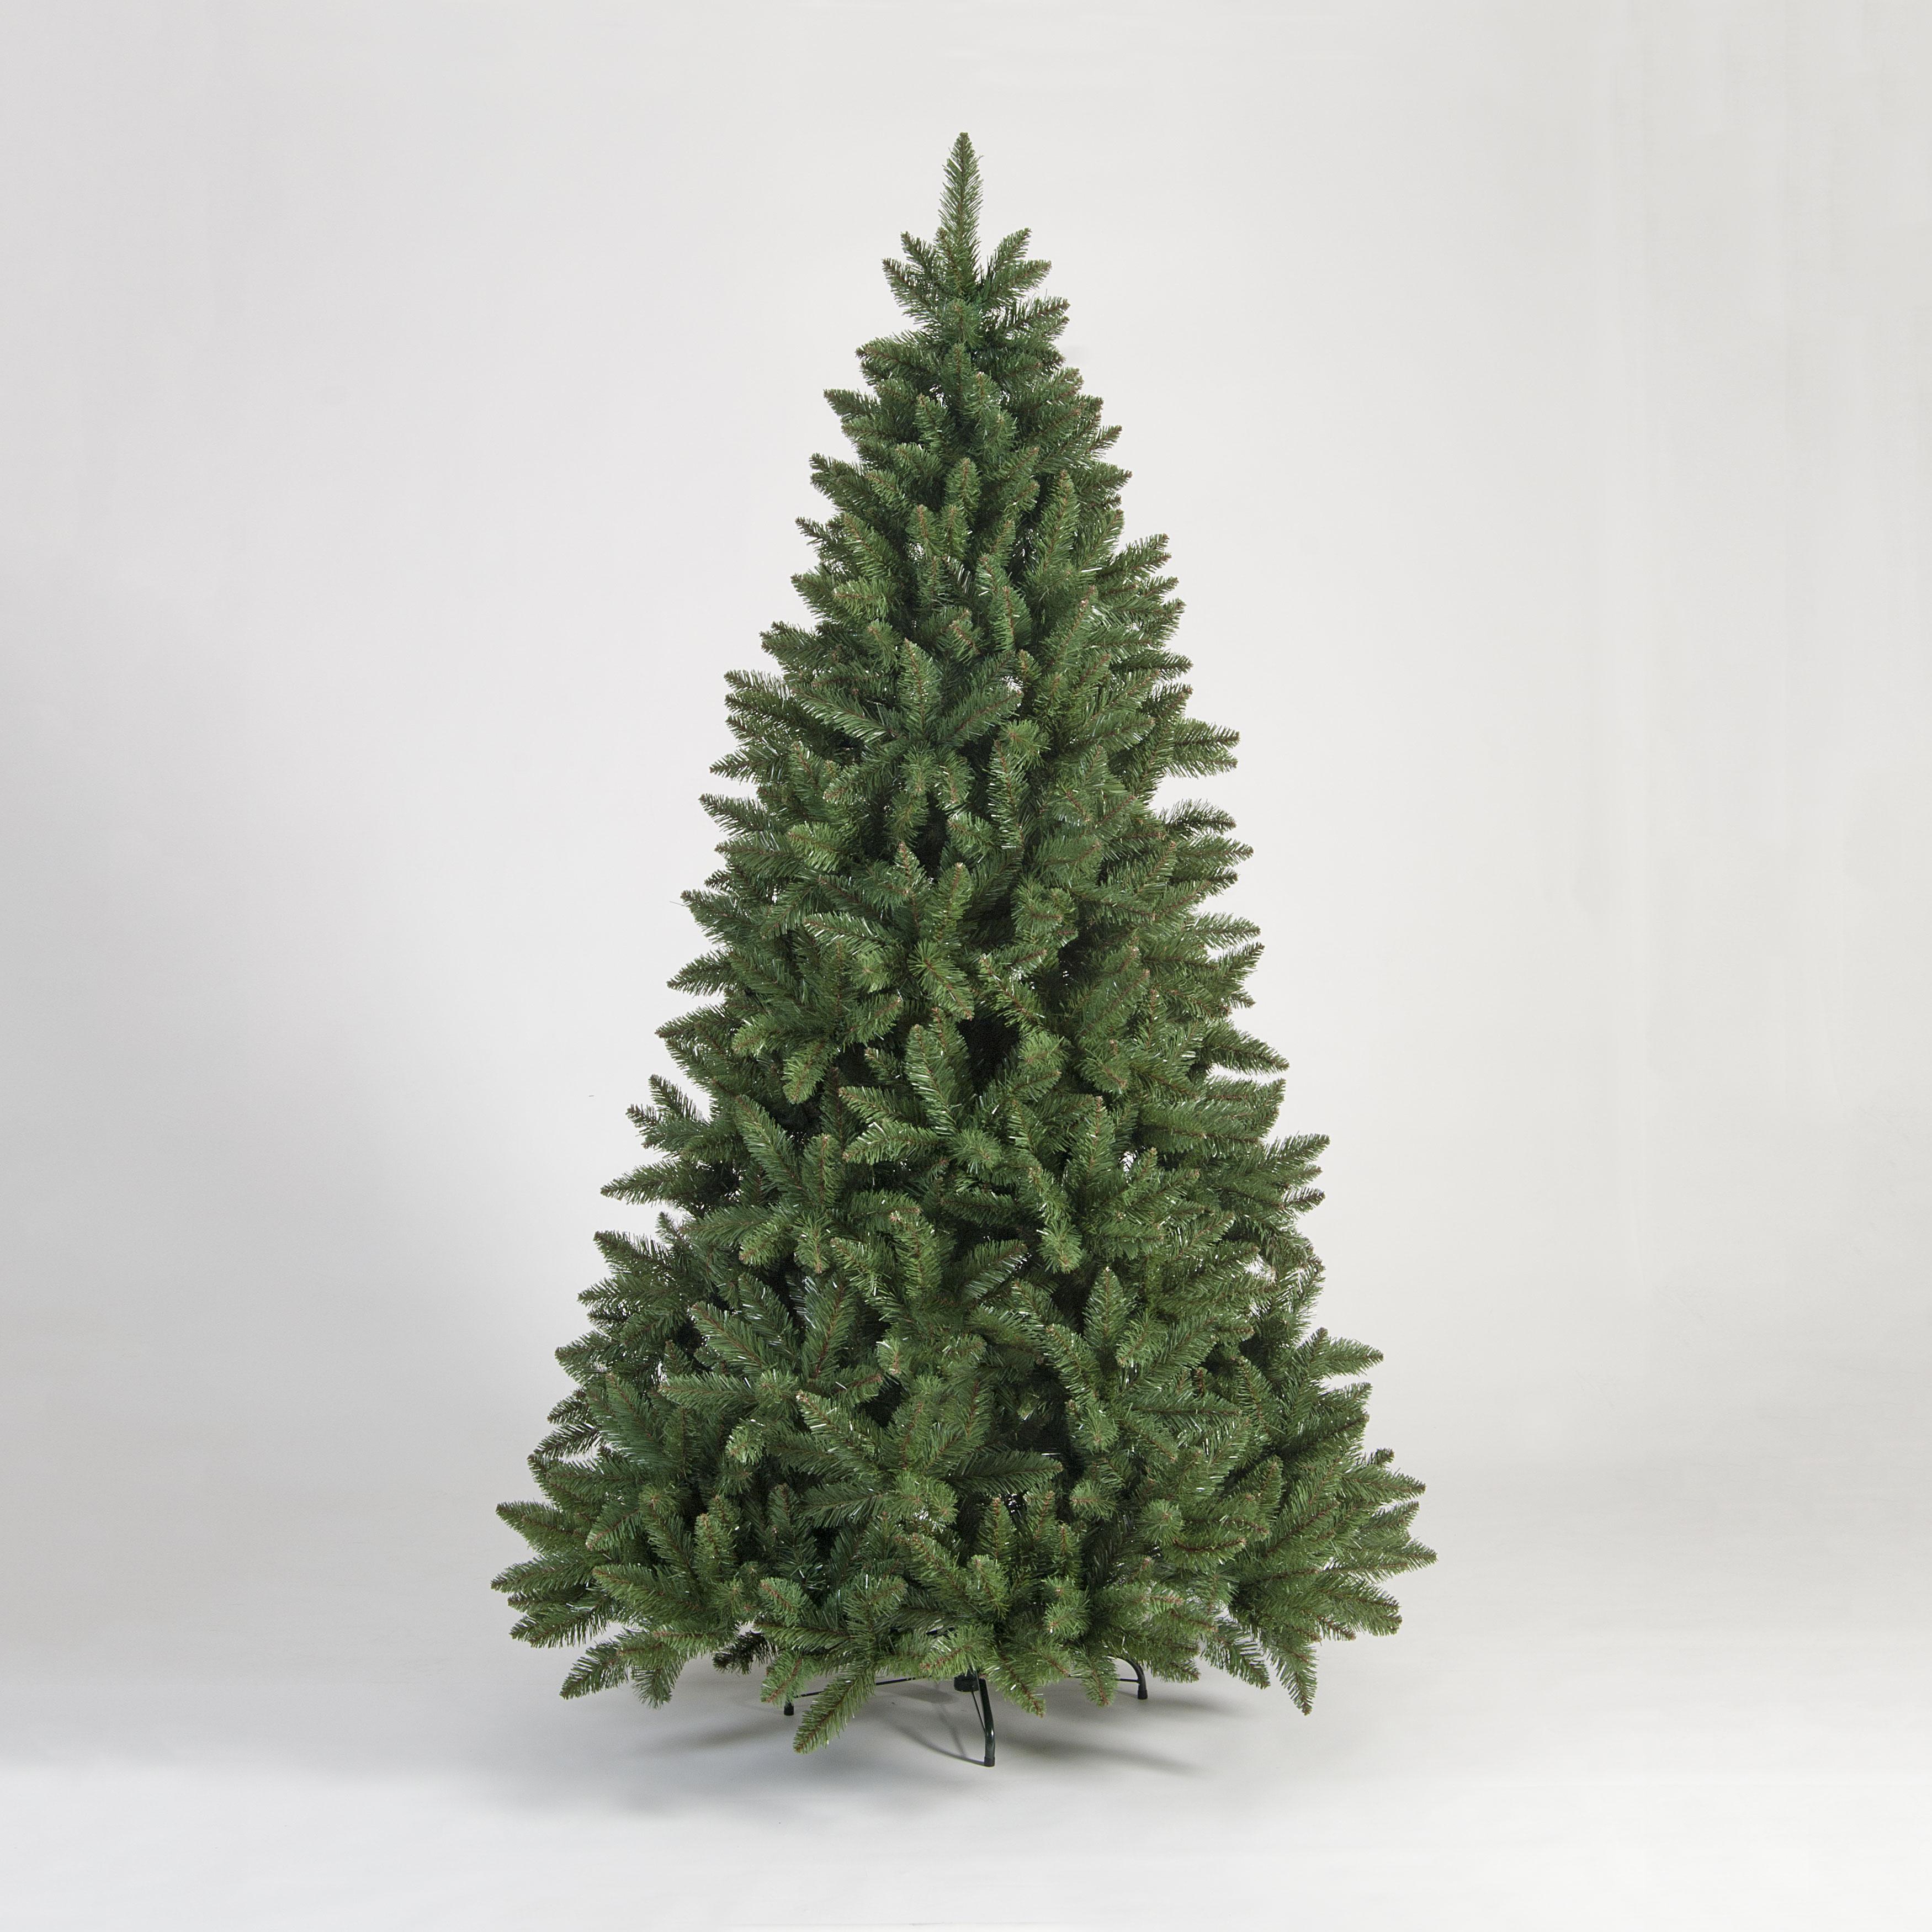 Christmas Decoration|Christmas Trees